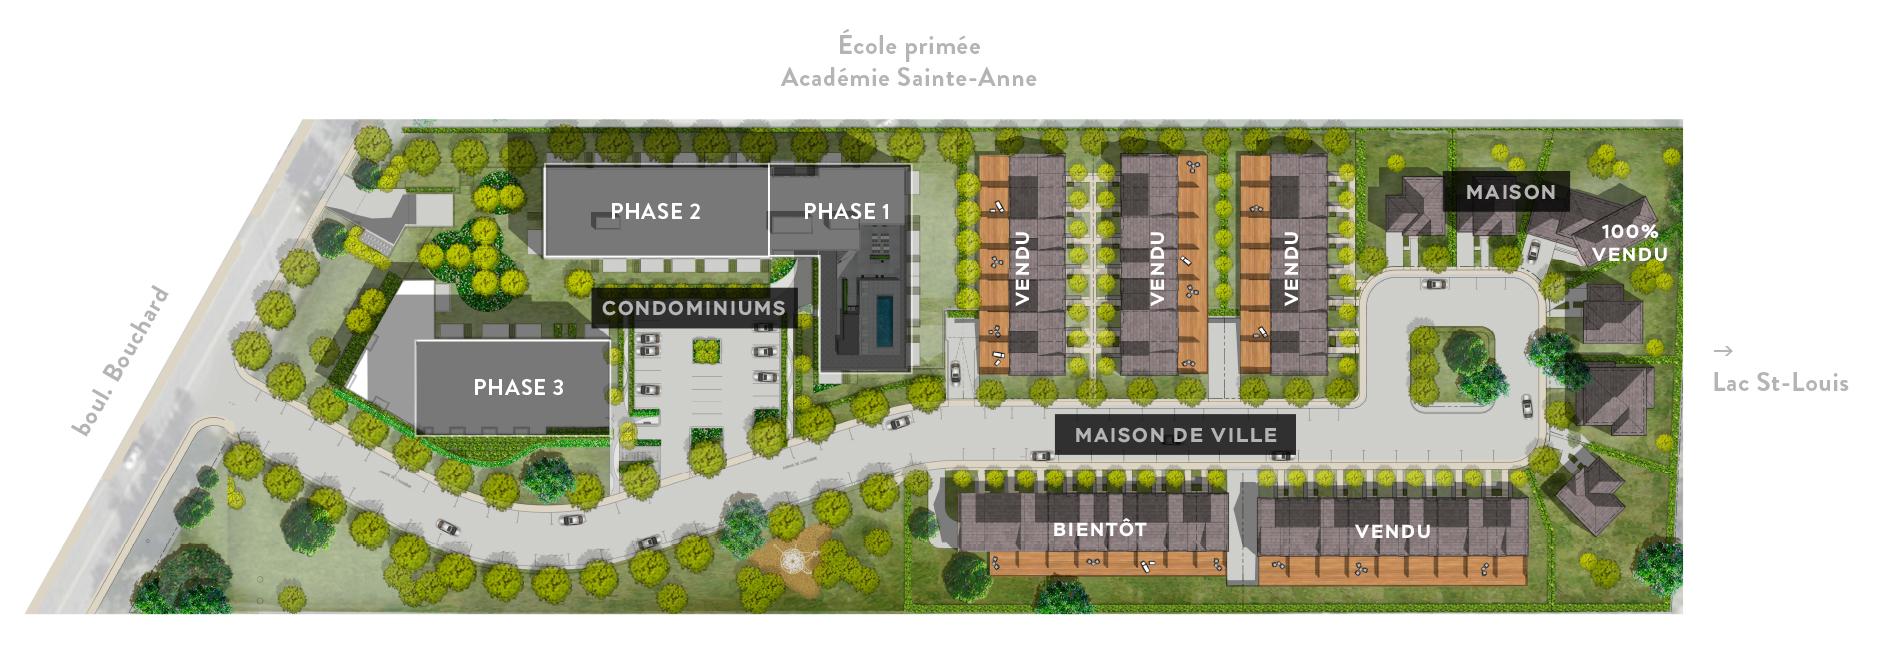 Étape 1 – Francais – Phase3